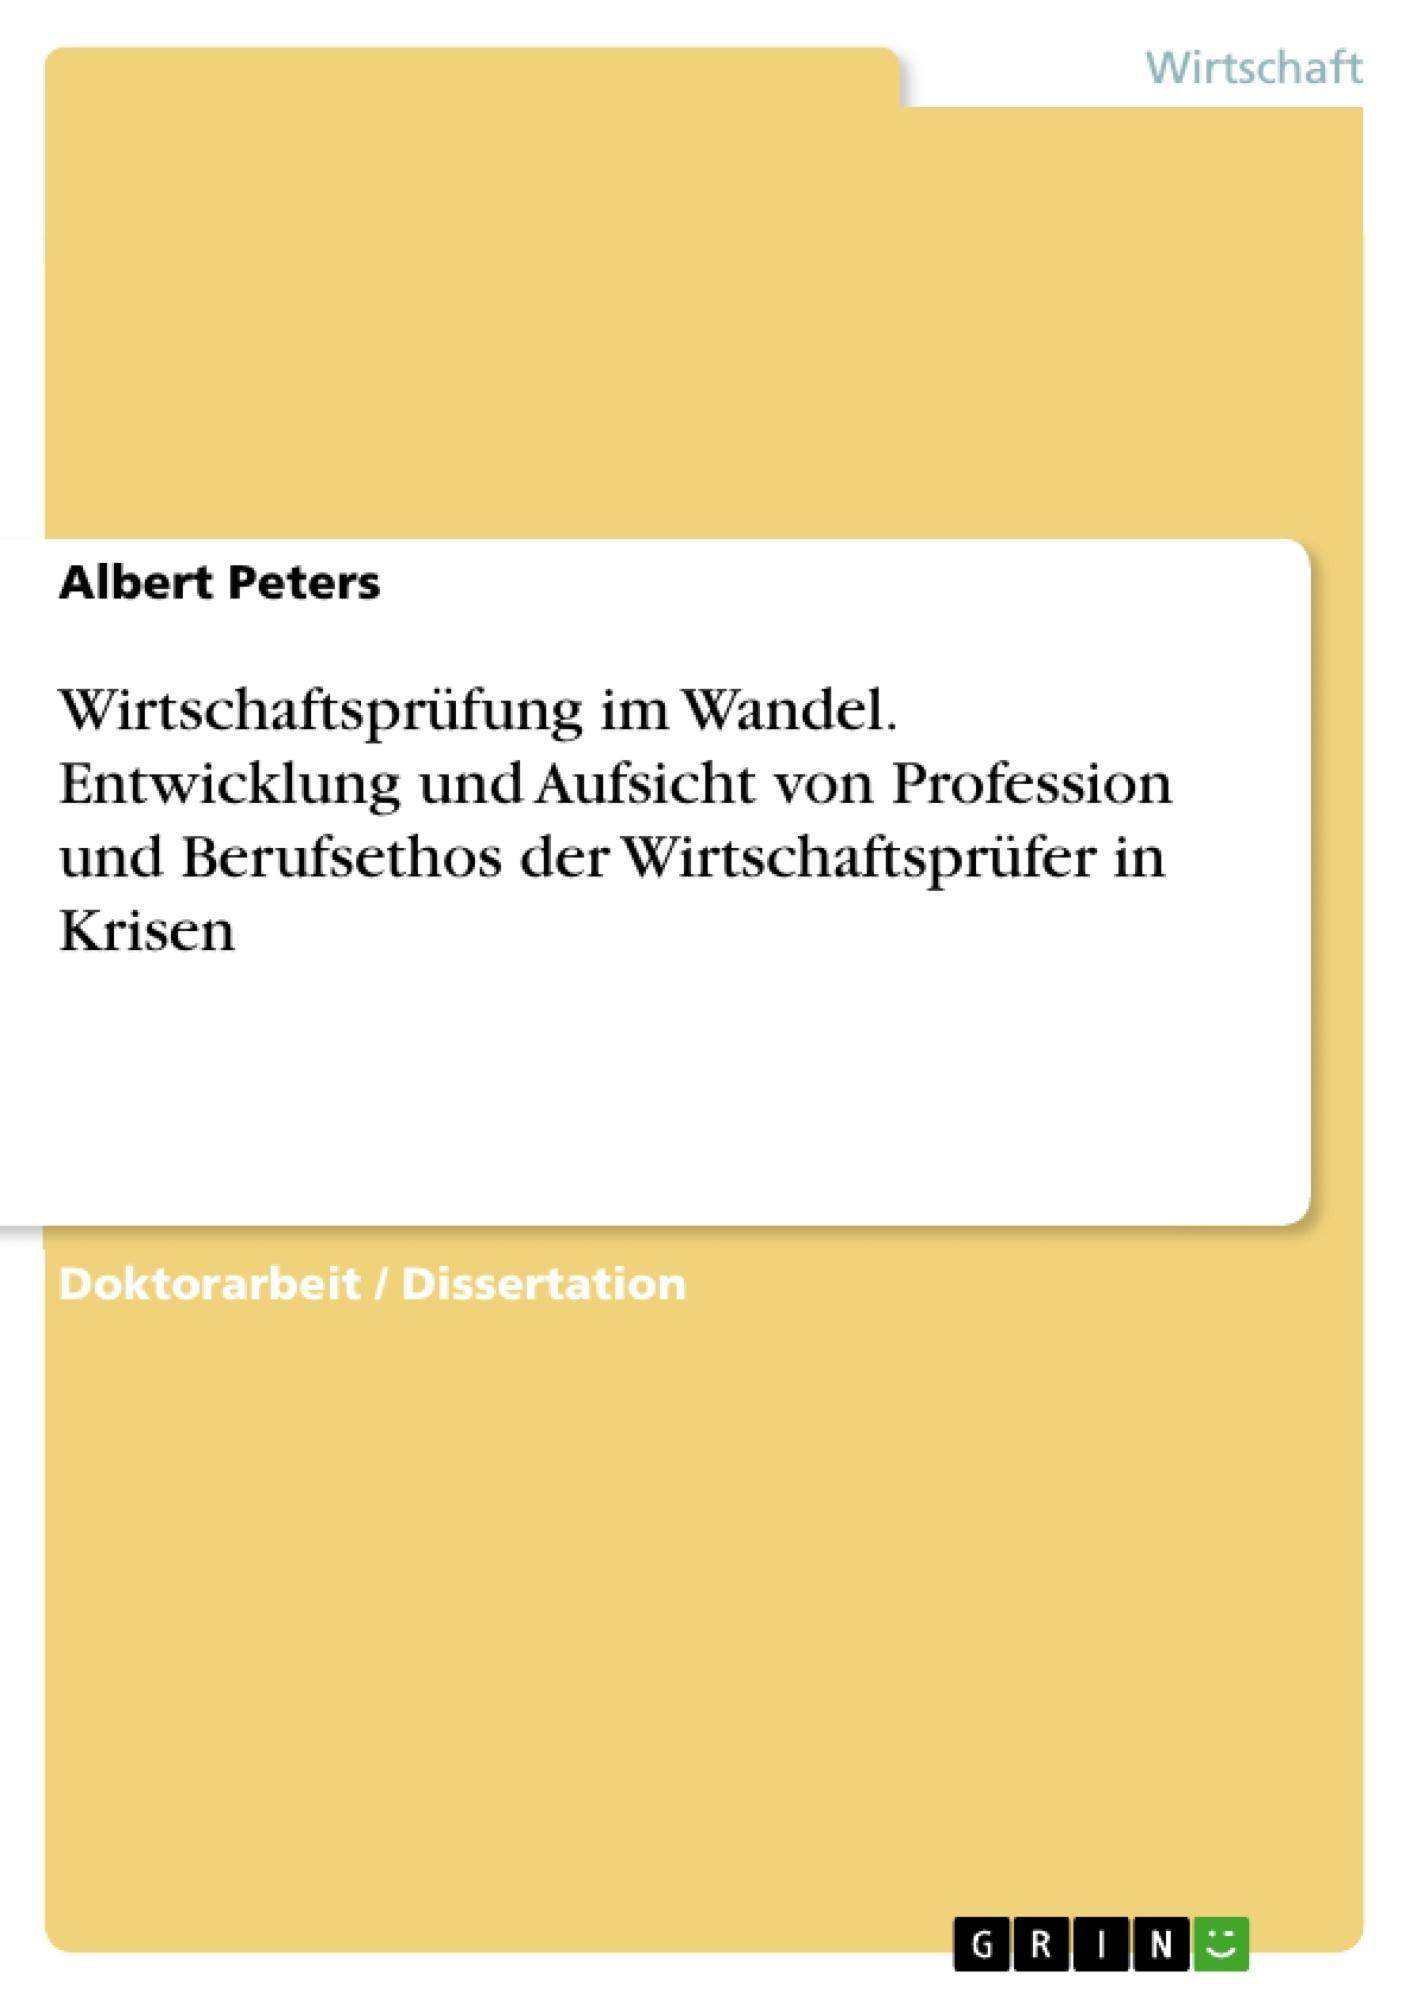 Titel: Wirtschaftsprüfung im Wandel. Entwicklung und Aufsicht von Profession und Berufsethos der Wirtschaftsprüfer in Krisen